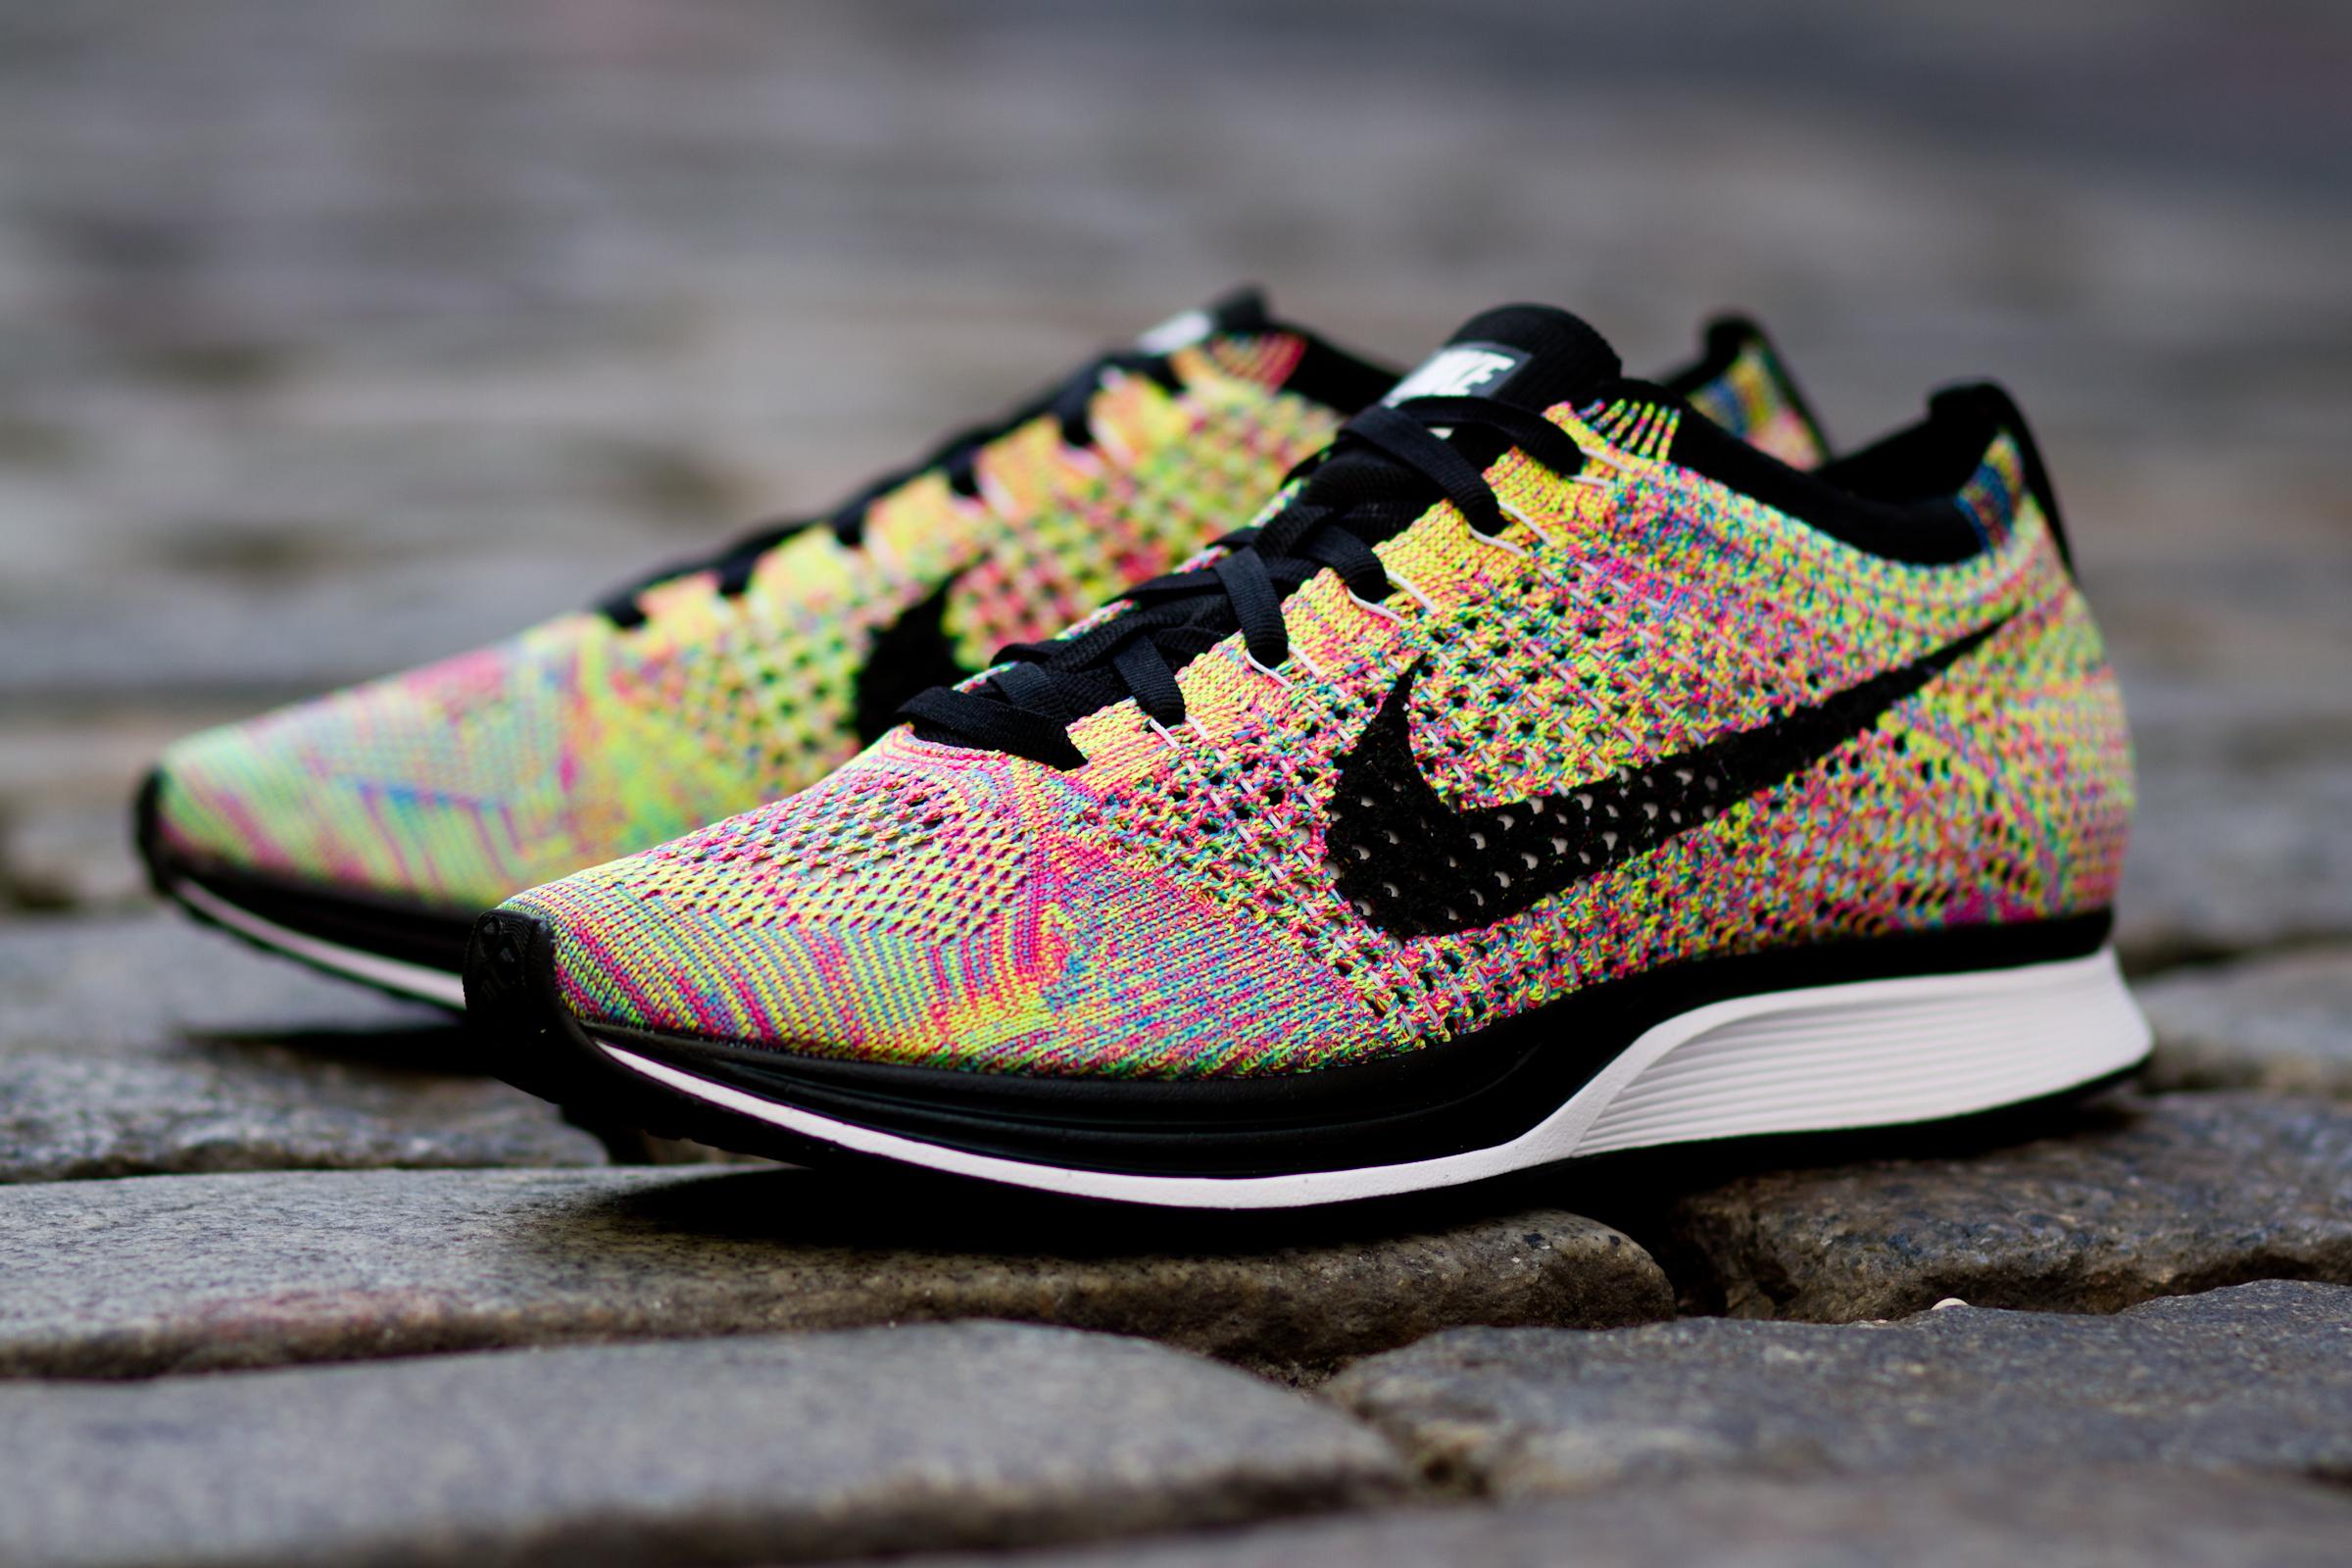 Nike Flyknit Multicolor Racer